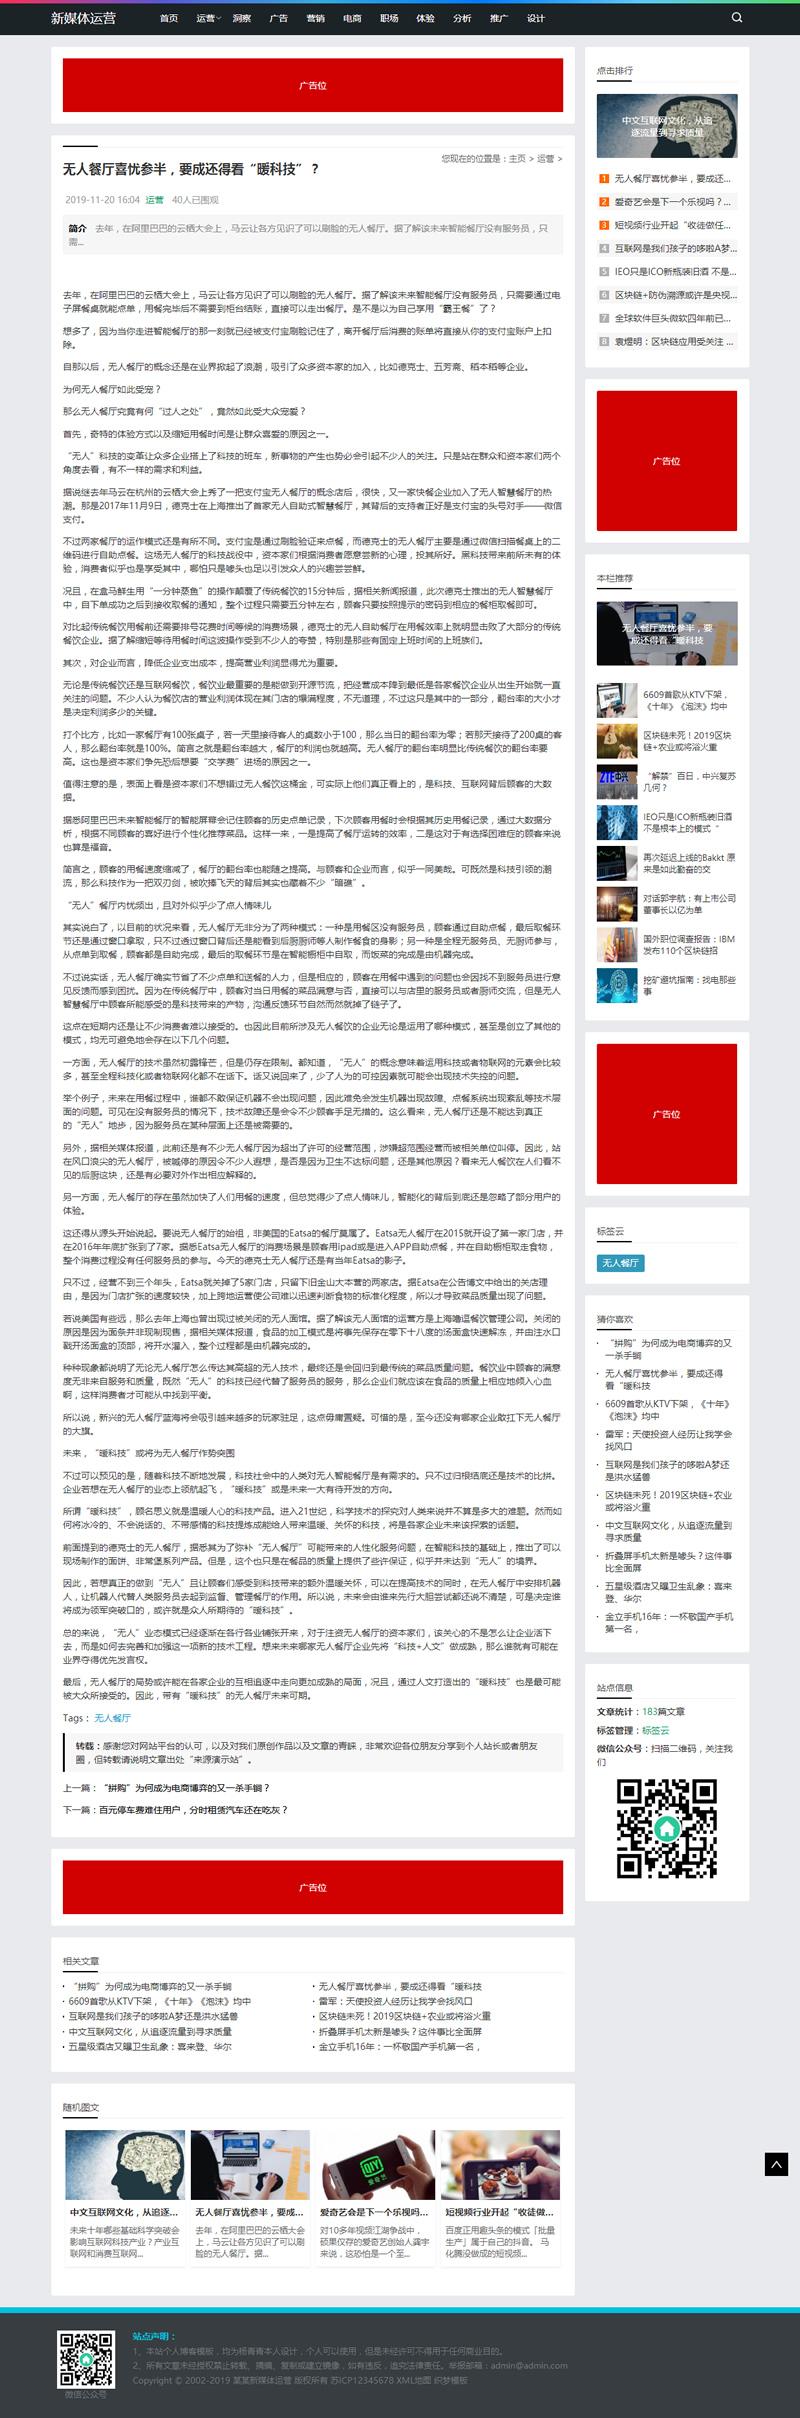 织梦新闻资讯类博客源码 响应式HTML5科技互联dede模板 第2张